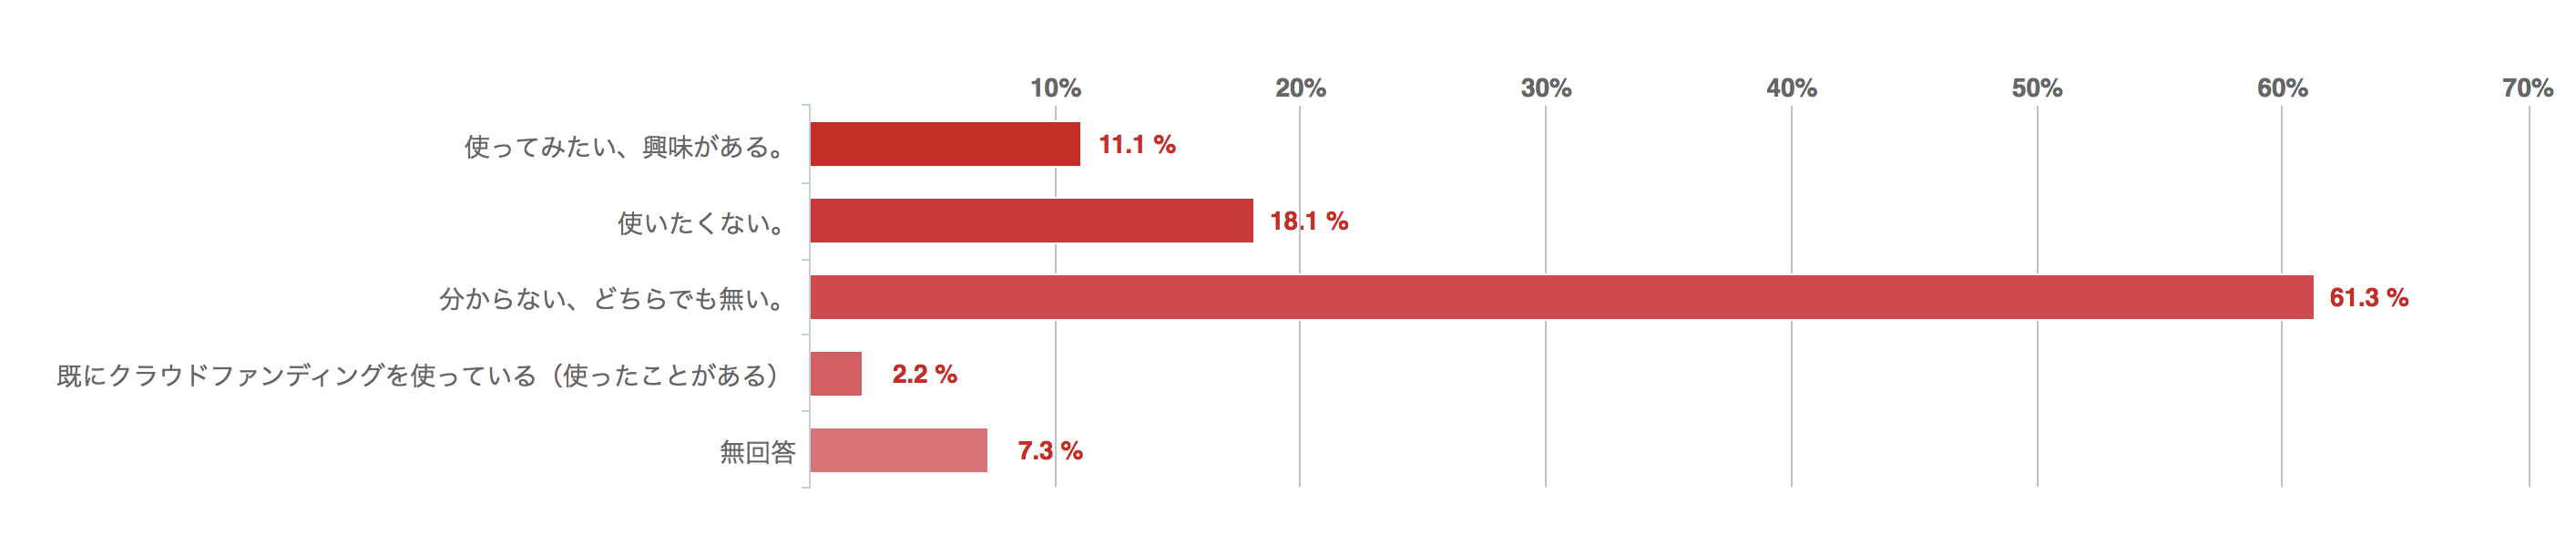 クラウドファンディングを使用したいか、回答結果のグラフ